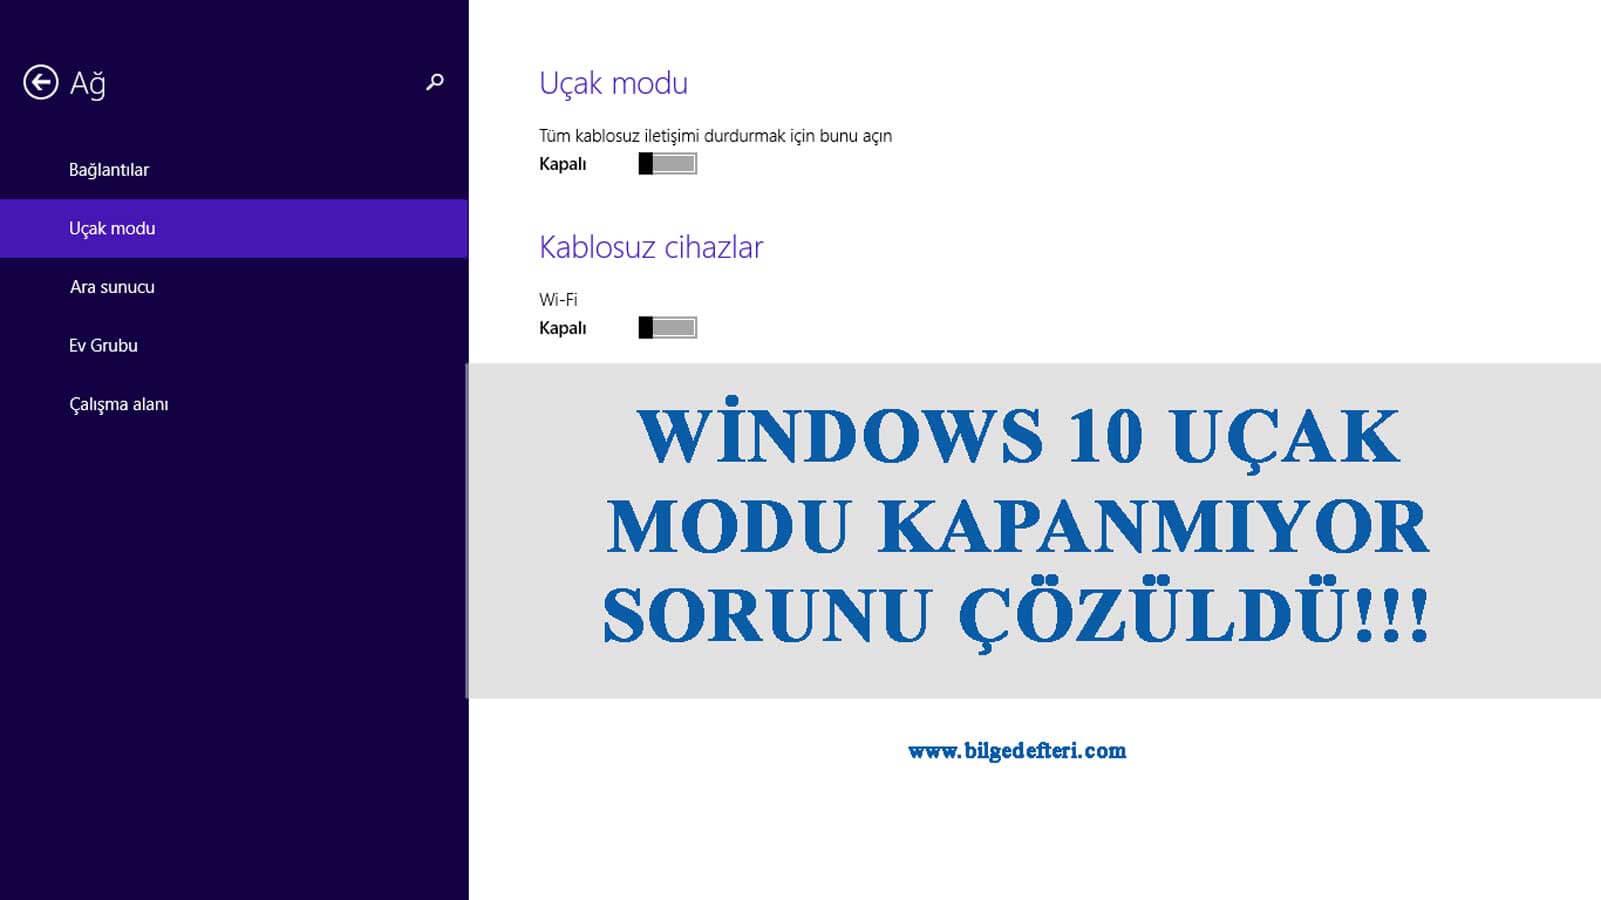 Windows 10 uçak modu kapanmıyor Uçak Modu Kapanmıyor Windows 10 Uçak Modu Kapanmıyor Çözümü windows 10 ucak modu